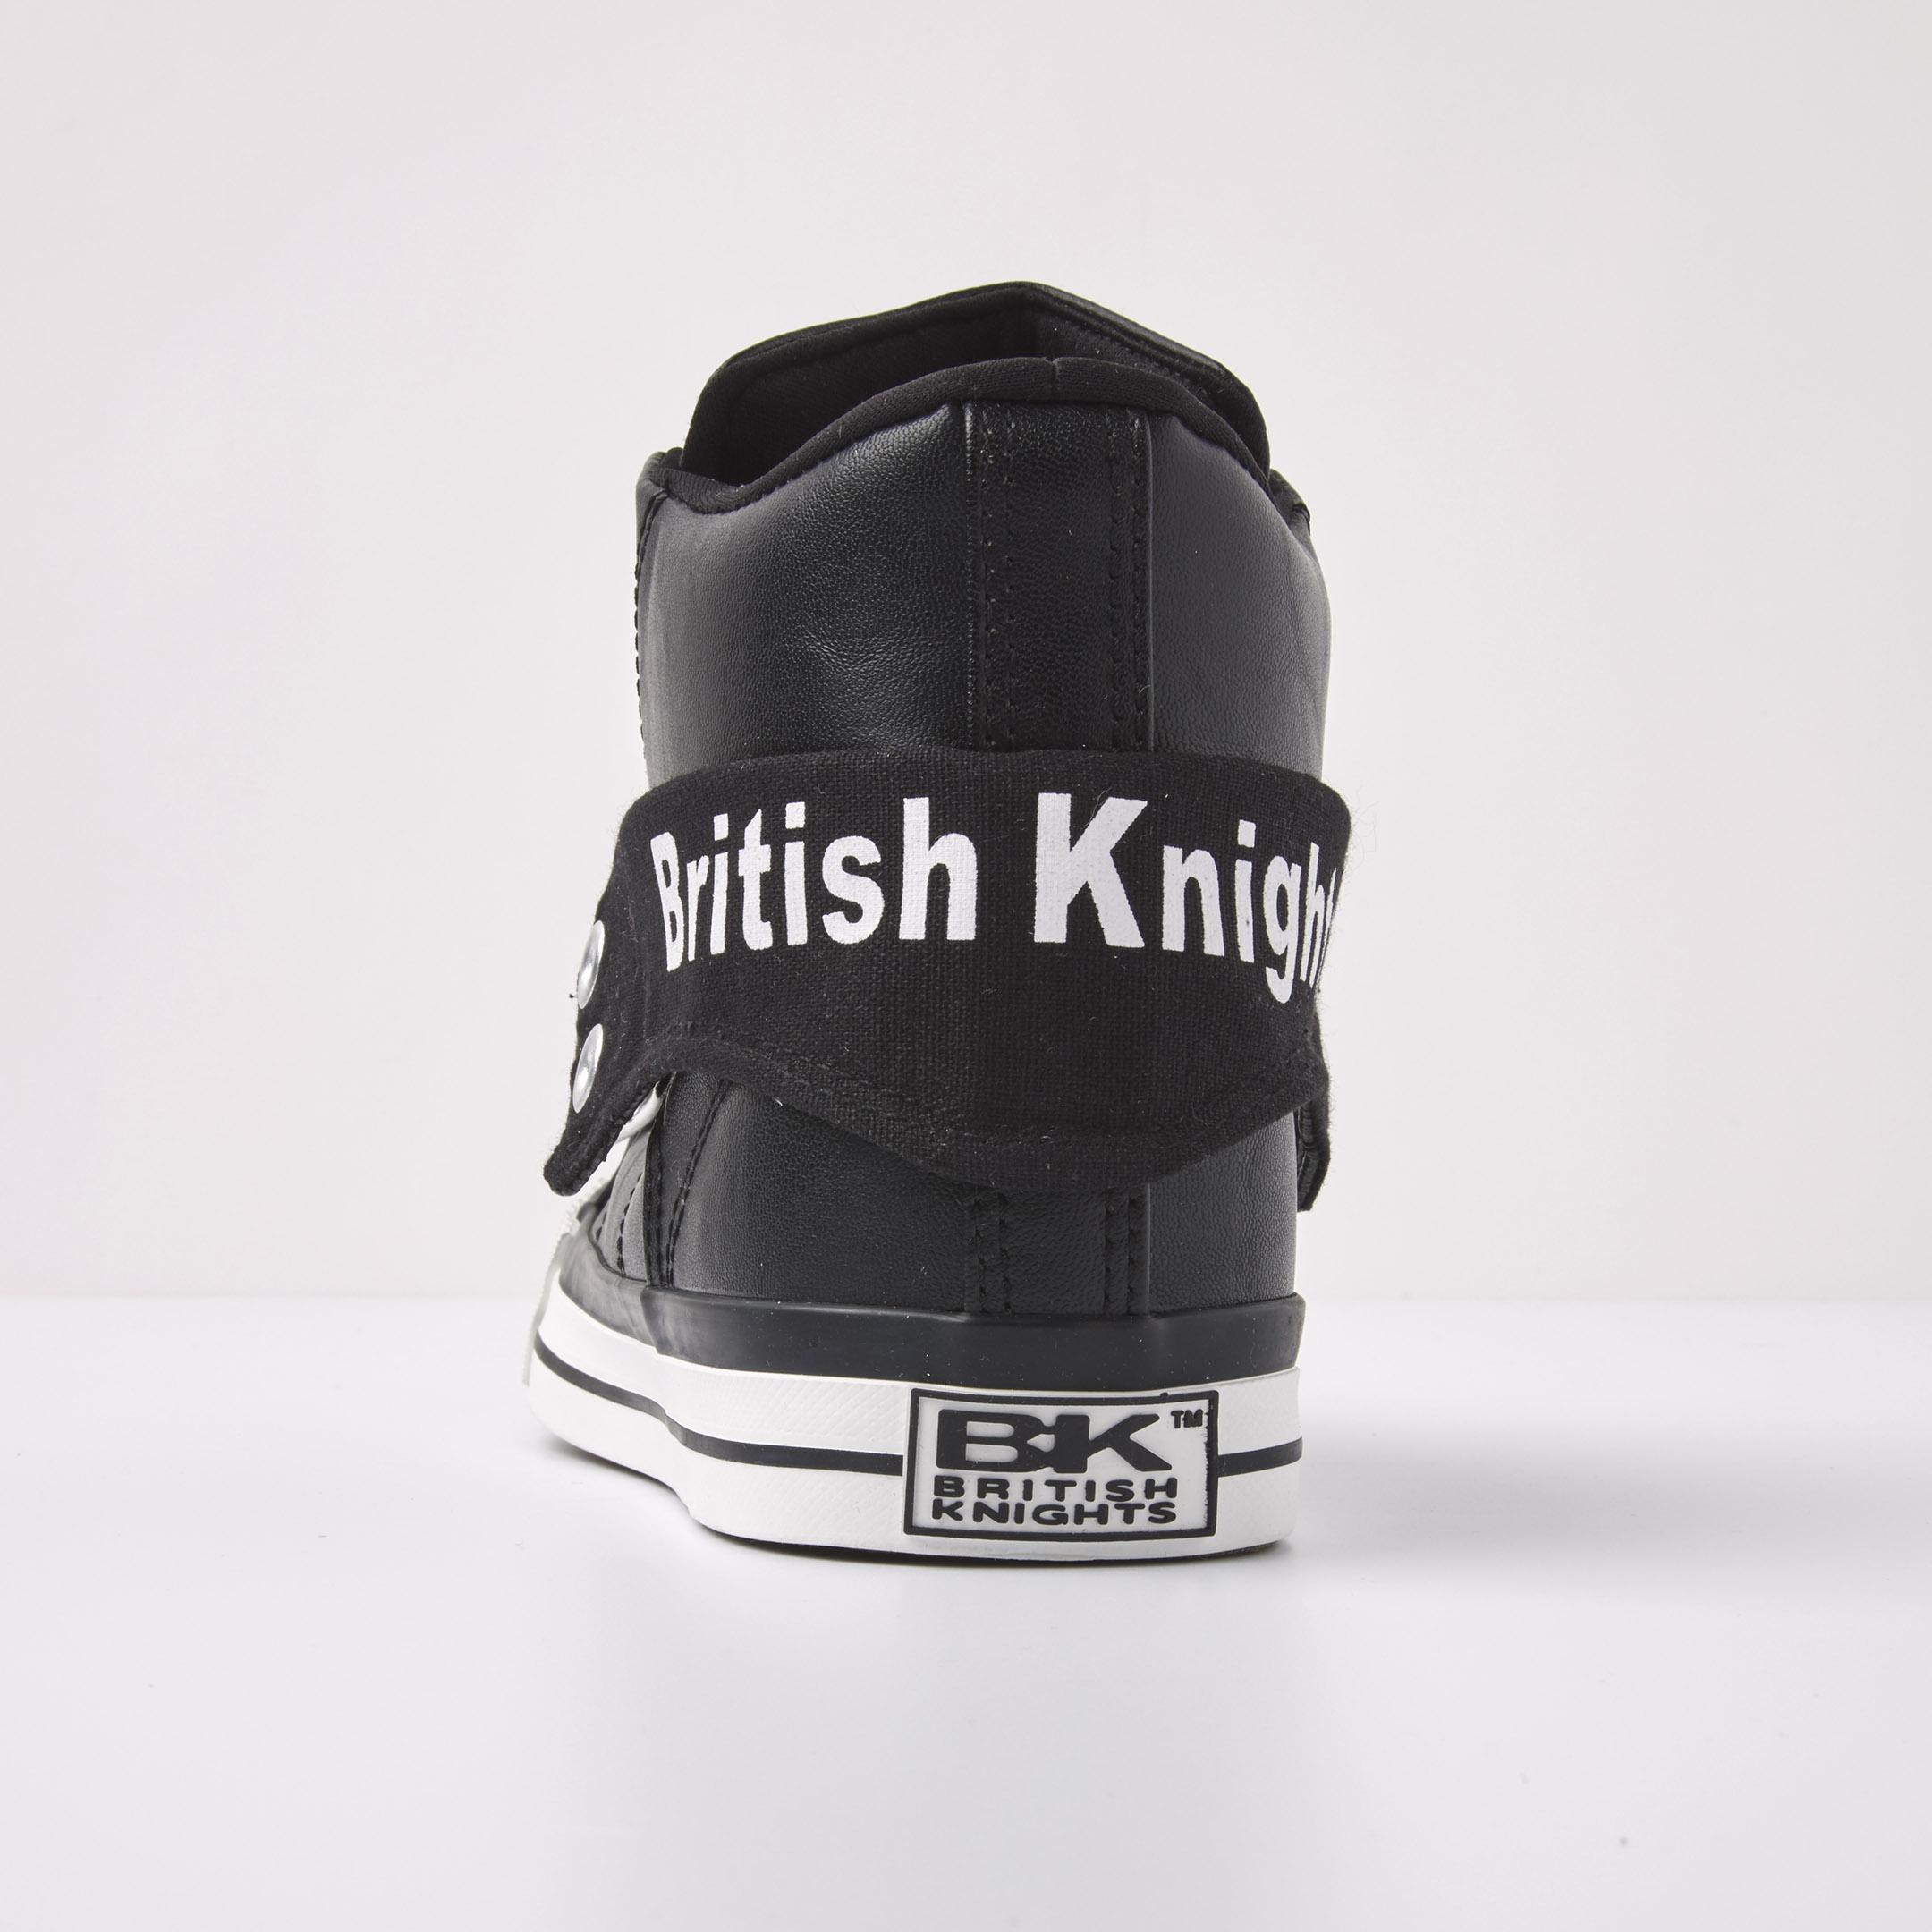 British Knights HERREN ROCO HERREN Knights HIGH-TOP-SCHUH SNEAKER BKC-3701-M bad722